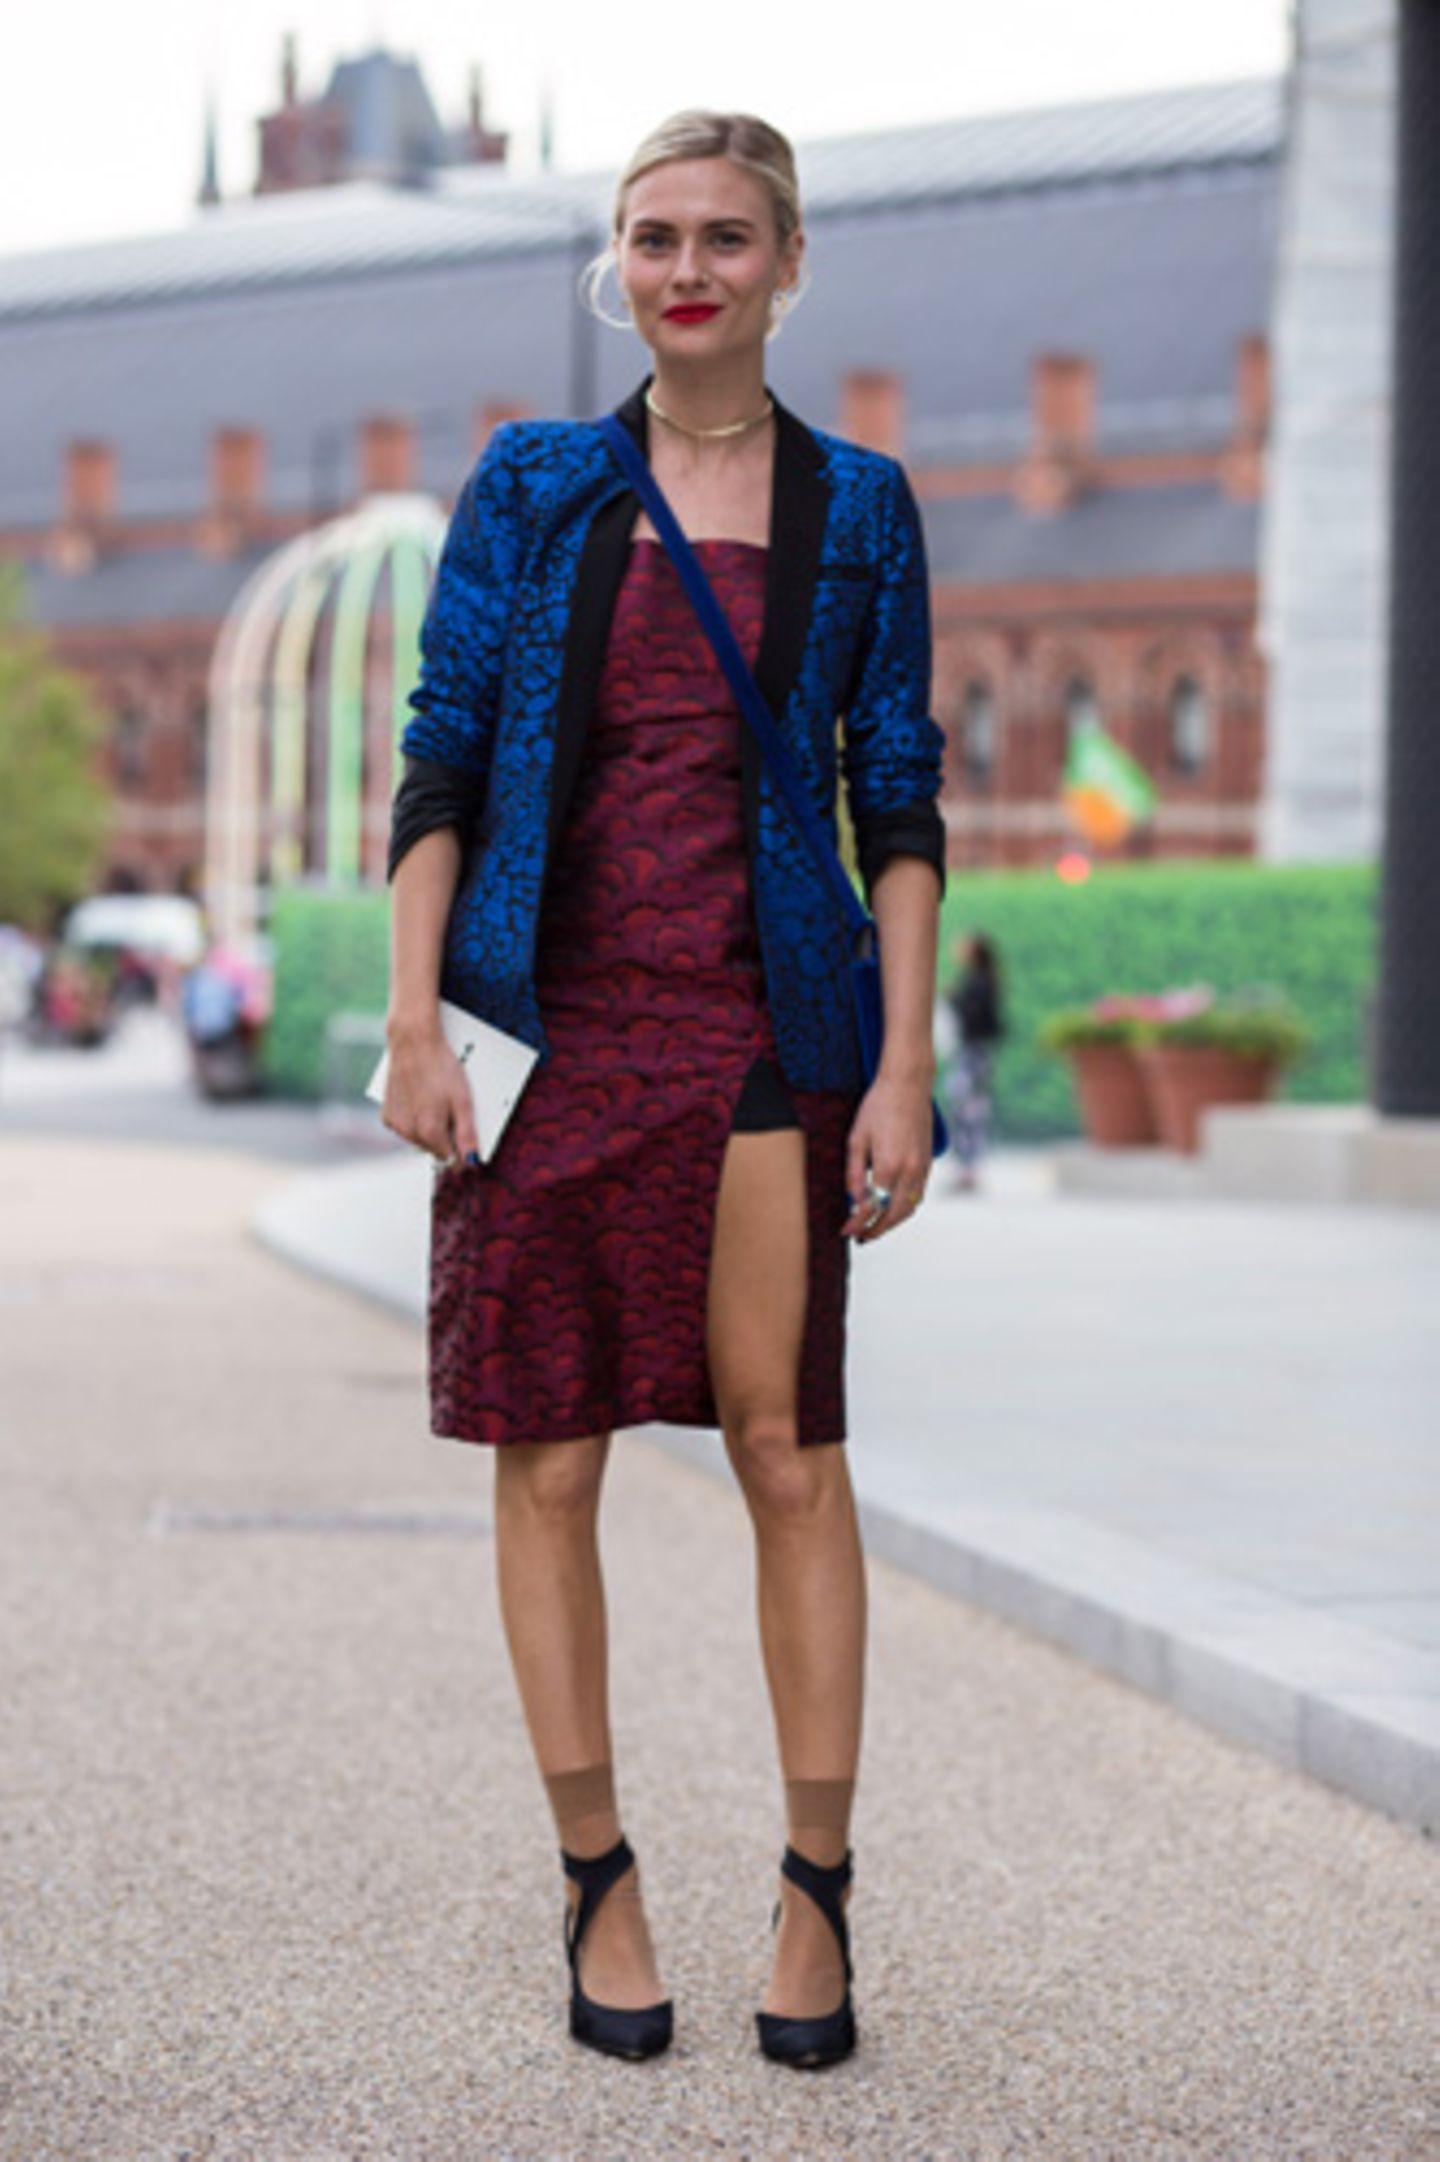 Beim Anblick dieser Kombi aus rubinrotem Kleid und saphirblauen Blazer bekommen wir fast ein bisschen Lust auf Weihnachten, so festlich ist das Outfit. Sind ja nur noch drei Monate ....